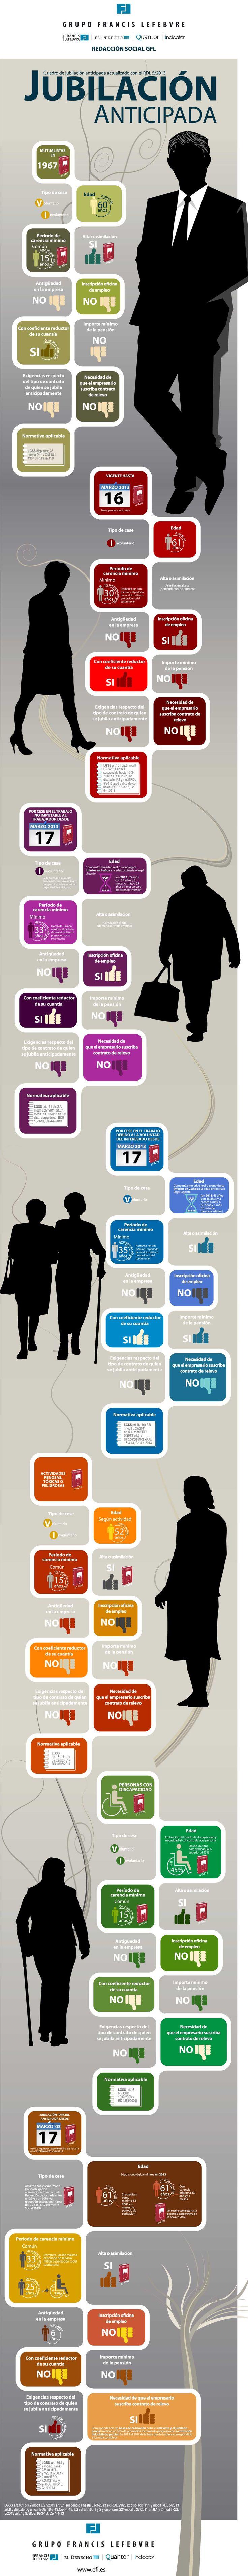 Jubilación anticipada en España #infografia #infographic